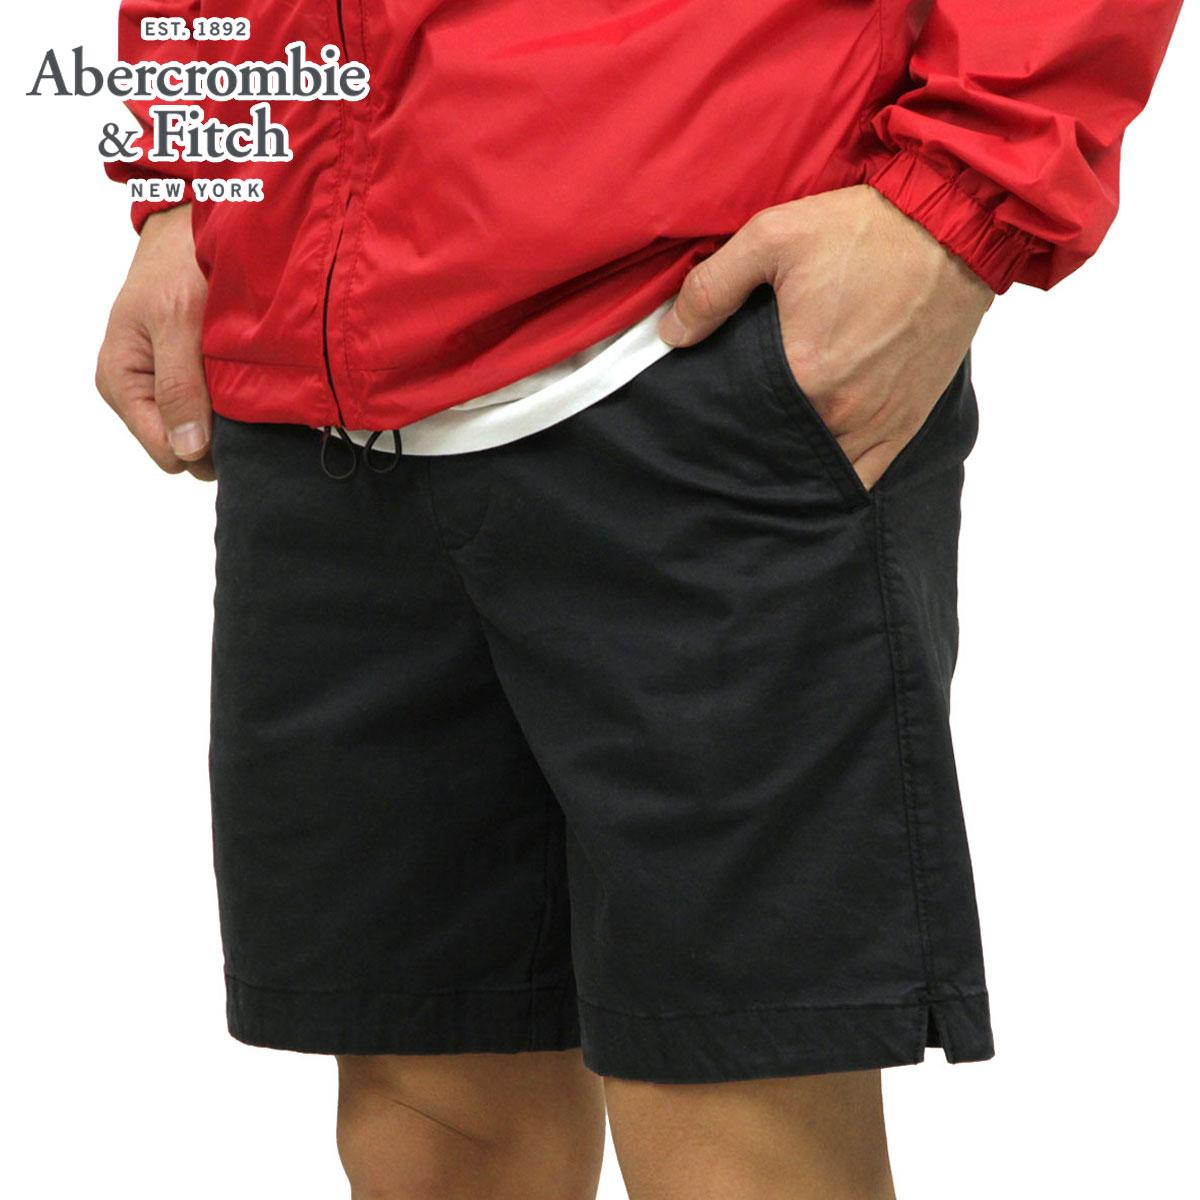 アバクロ ショートパンツ メンズ 正規品 Abercrombie&Fitch ボトムス ハーフパンツ PULL-ON SHORTS 128-283-0863-900